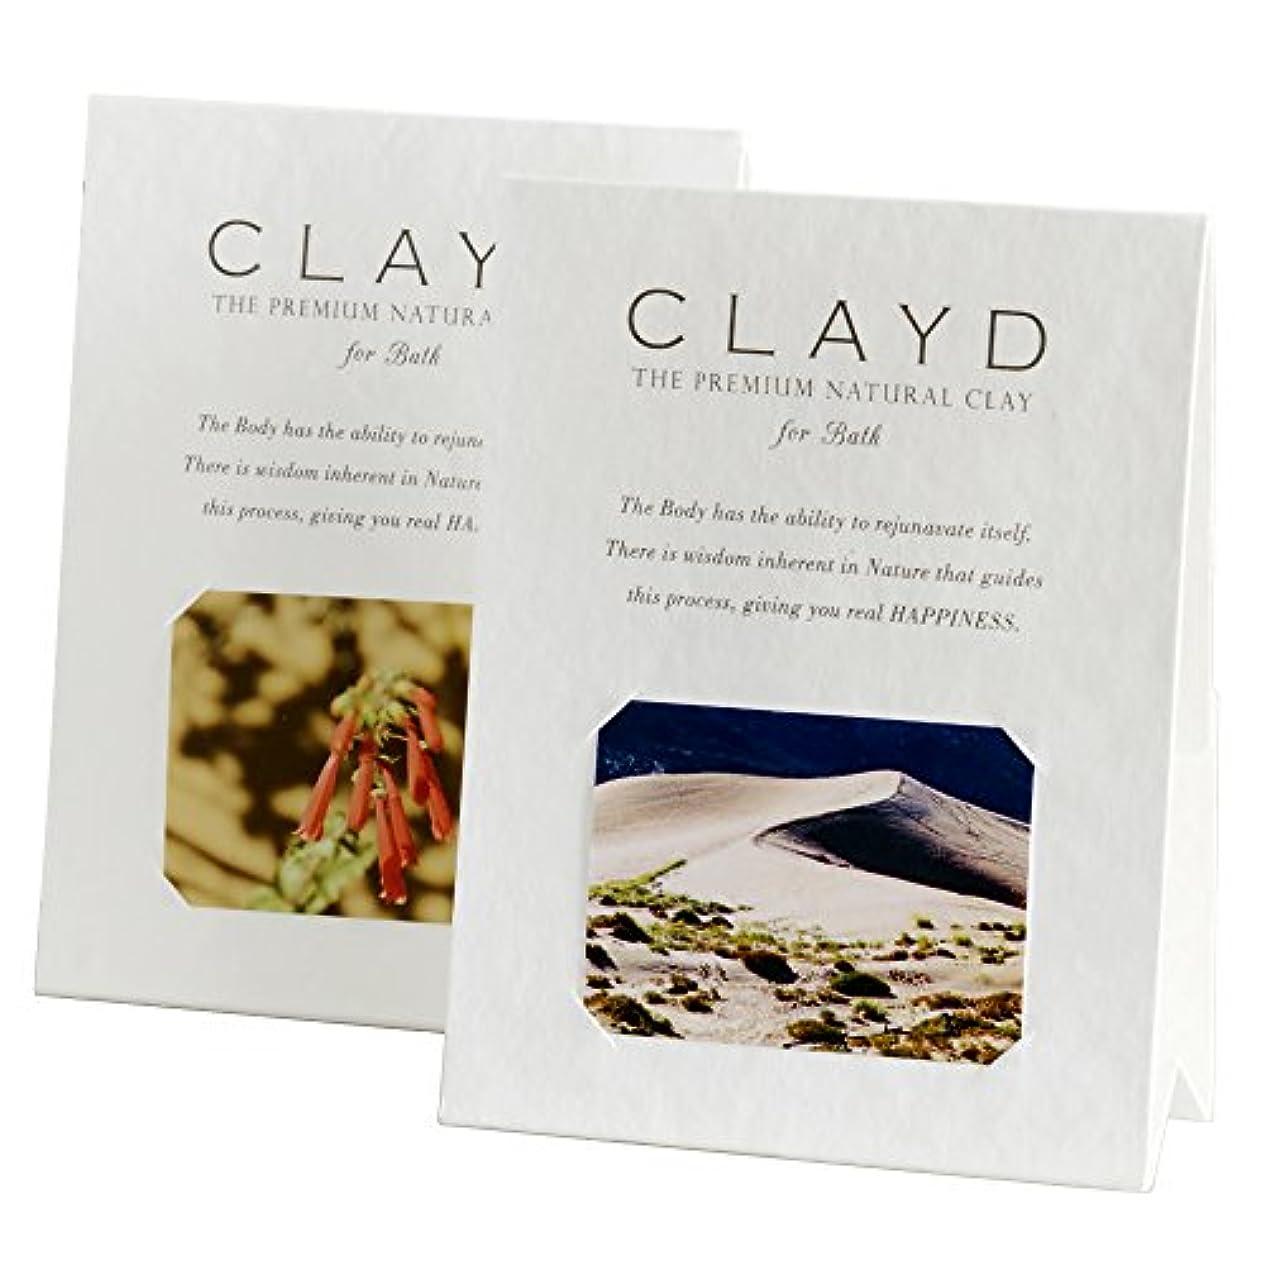 暗記するプレゼンテーション冬CLAYD for Bath(クレイドフォーバス) ONETIME 2個入り